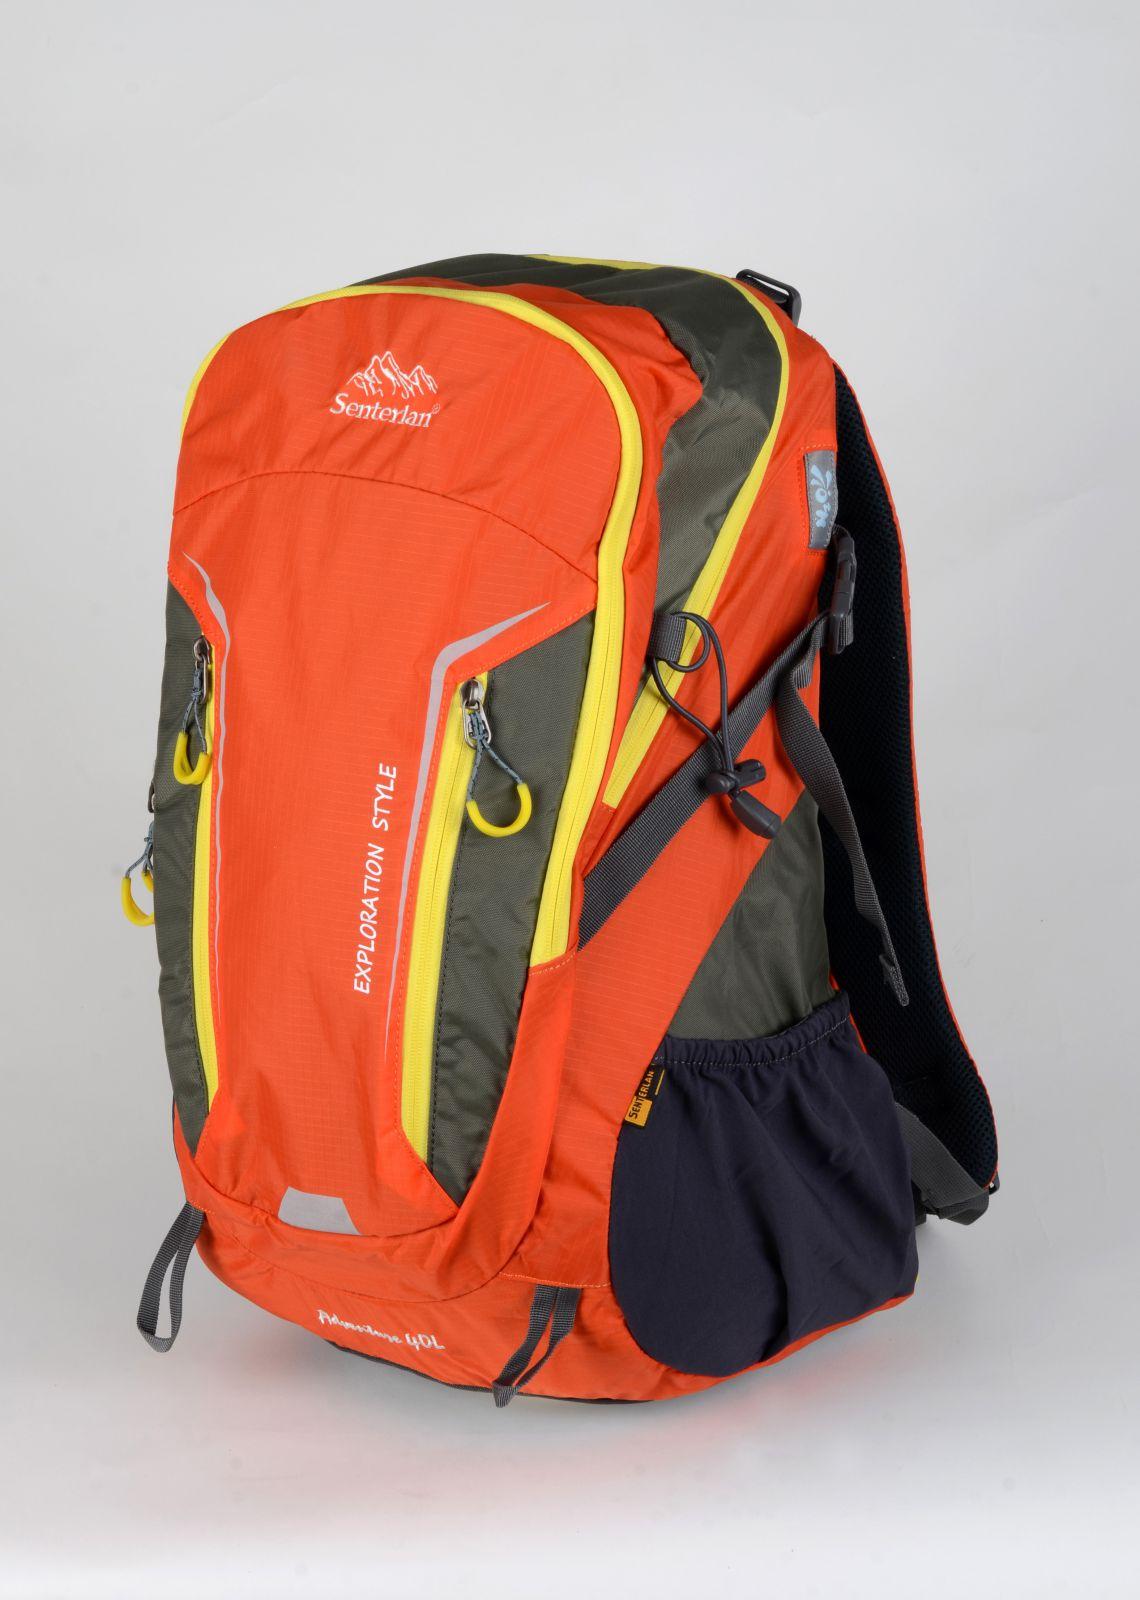 OUTDOOROVÝ BATOH SENTERLAN oranžovo-žlutý S2410